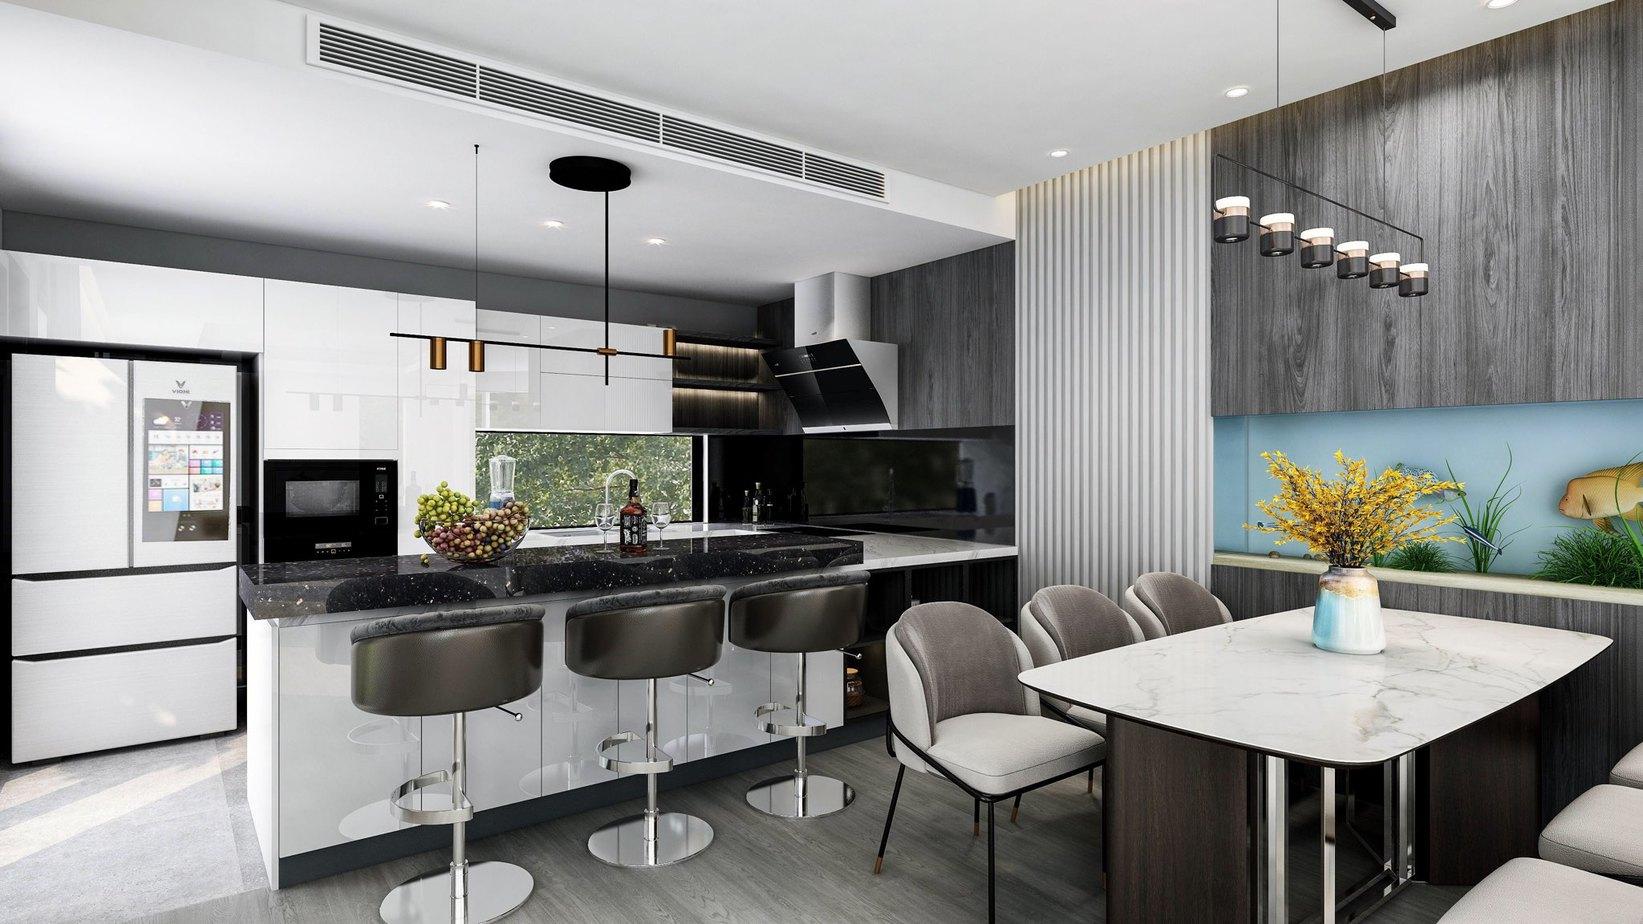 Màu trắng của tủ bếp lõi MDF chống ẩm phủ Acrylic hòa hợp với màu đen, nâu vân gỗ tối của các vật dụng khác mang đến vẻ đẹp tối giản, sang trọng cho căn bếp 8m2